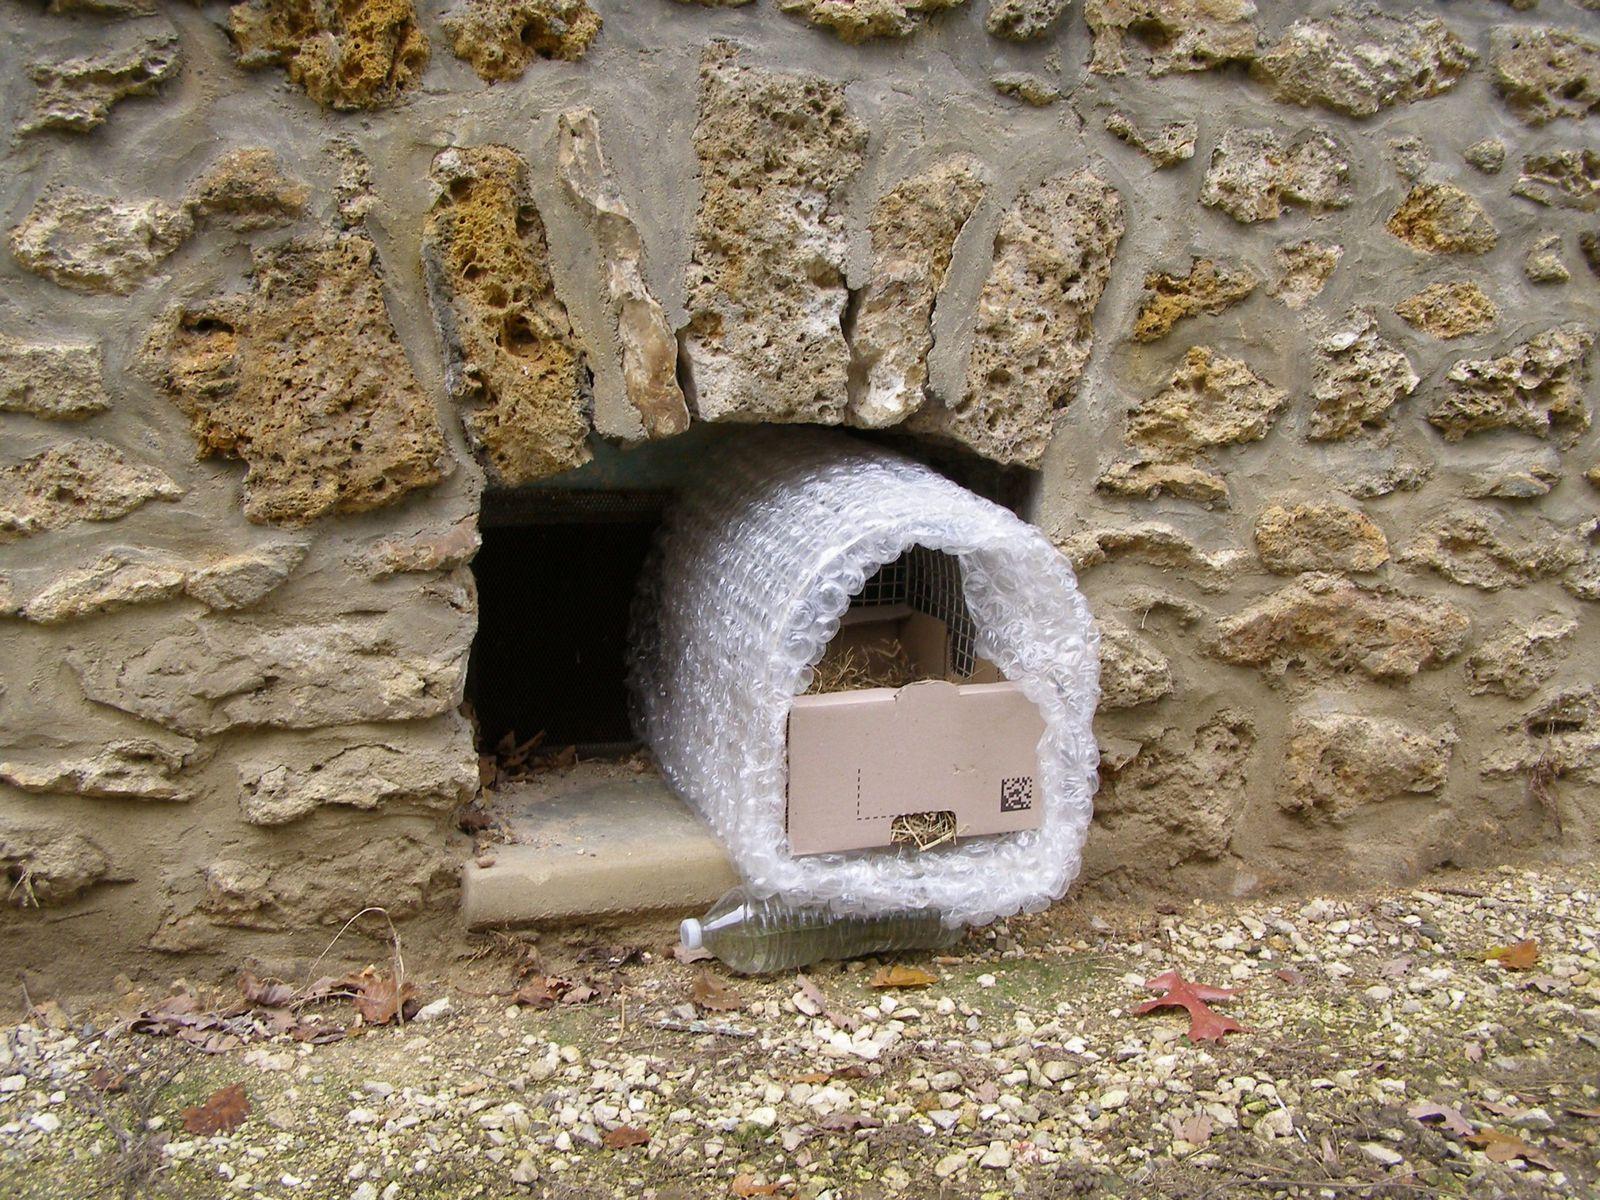 et voilà une petite chambre avec vue, bien chauffée. Le soupirail voisin produit aussi de la chaleur. Elle pourra s'y réfugier si cet abri insolite lui fait peur.